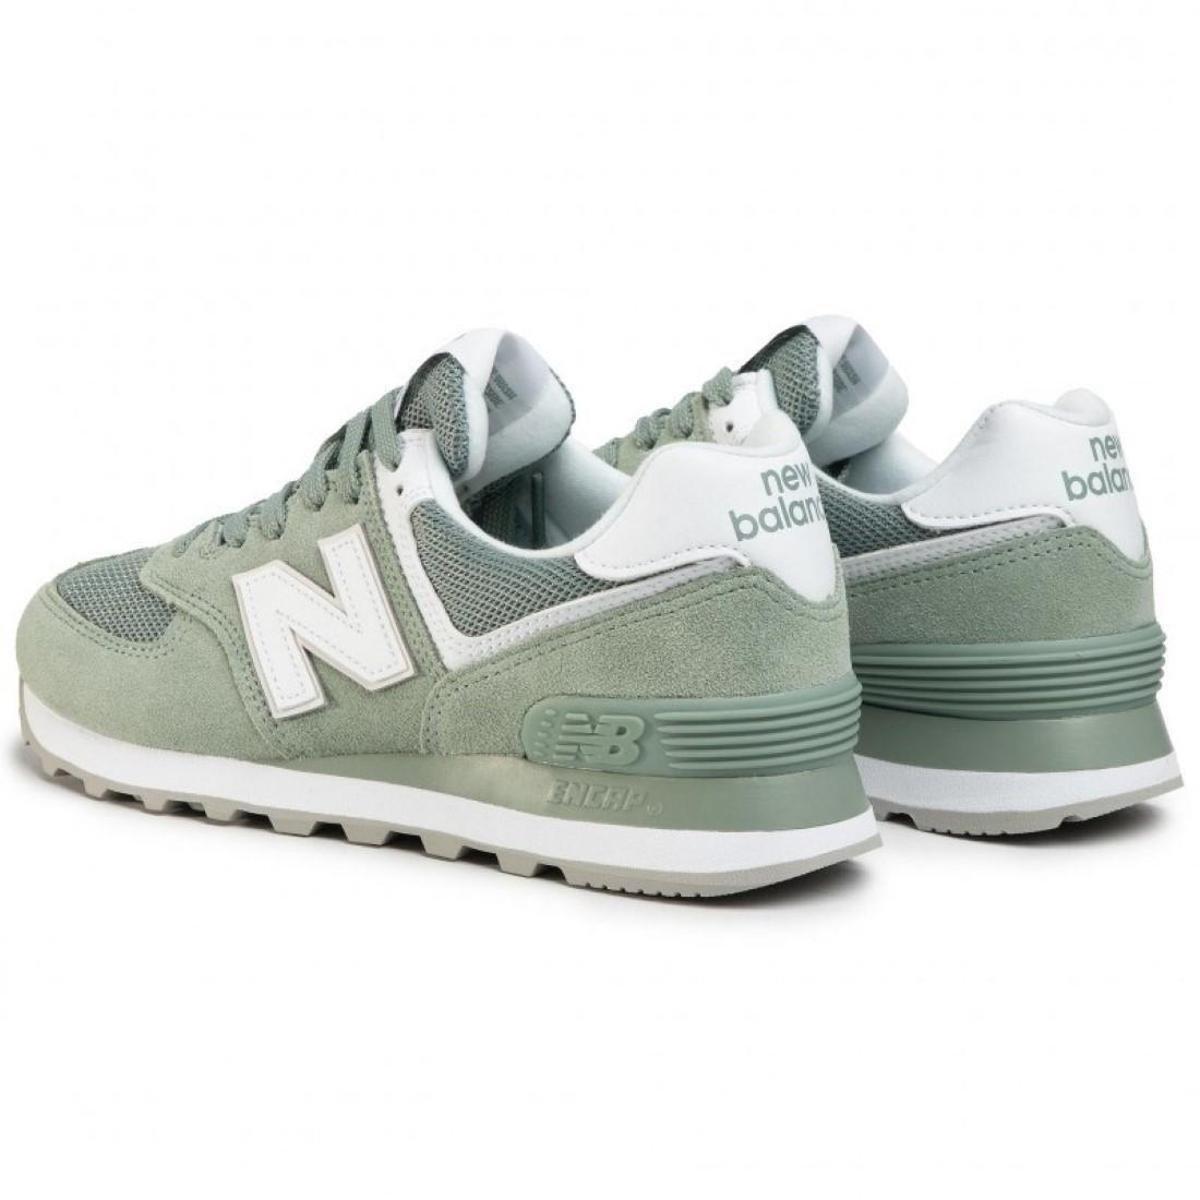 Tênis New Balance Feminino 574 Lifestyle - Verde | Netshoes